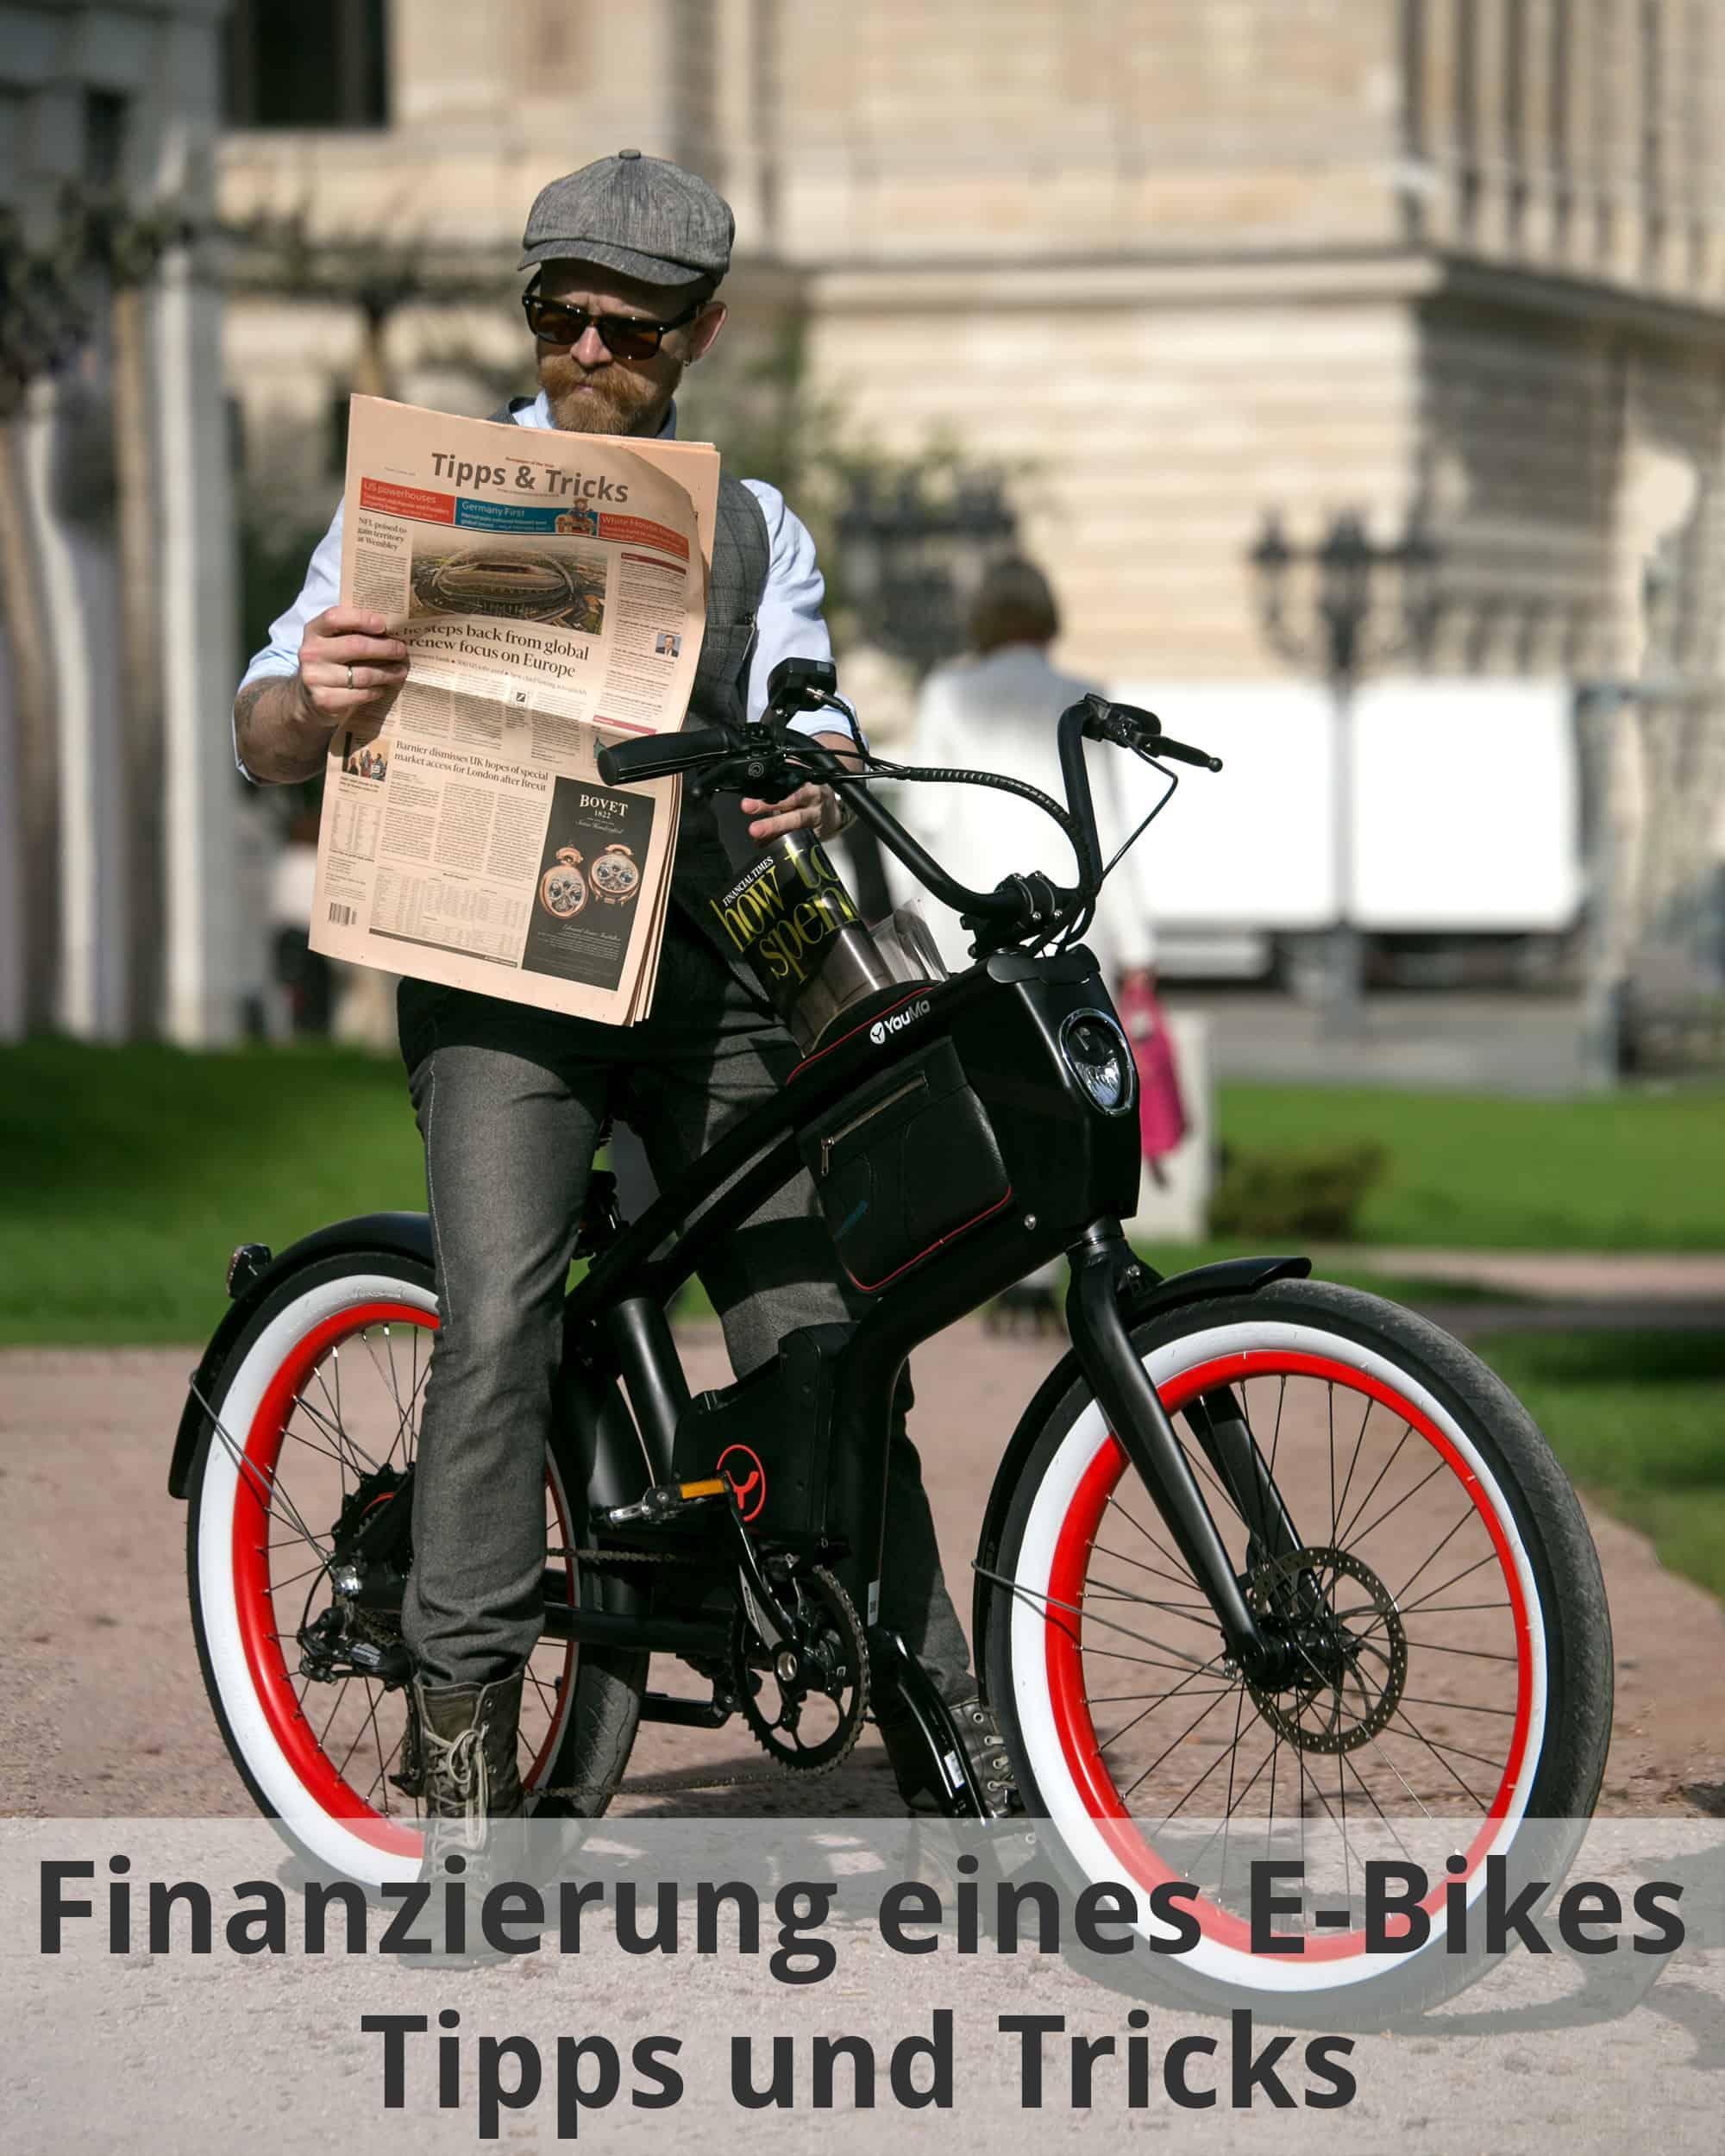 Dank E-Bike Finanzierung kannst auch du dich bald bei uns beraten lassen.